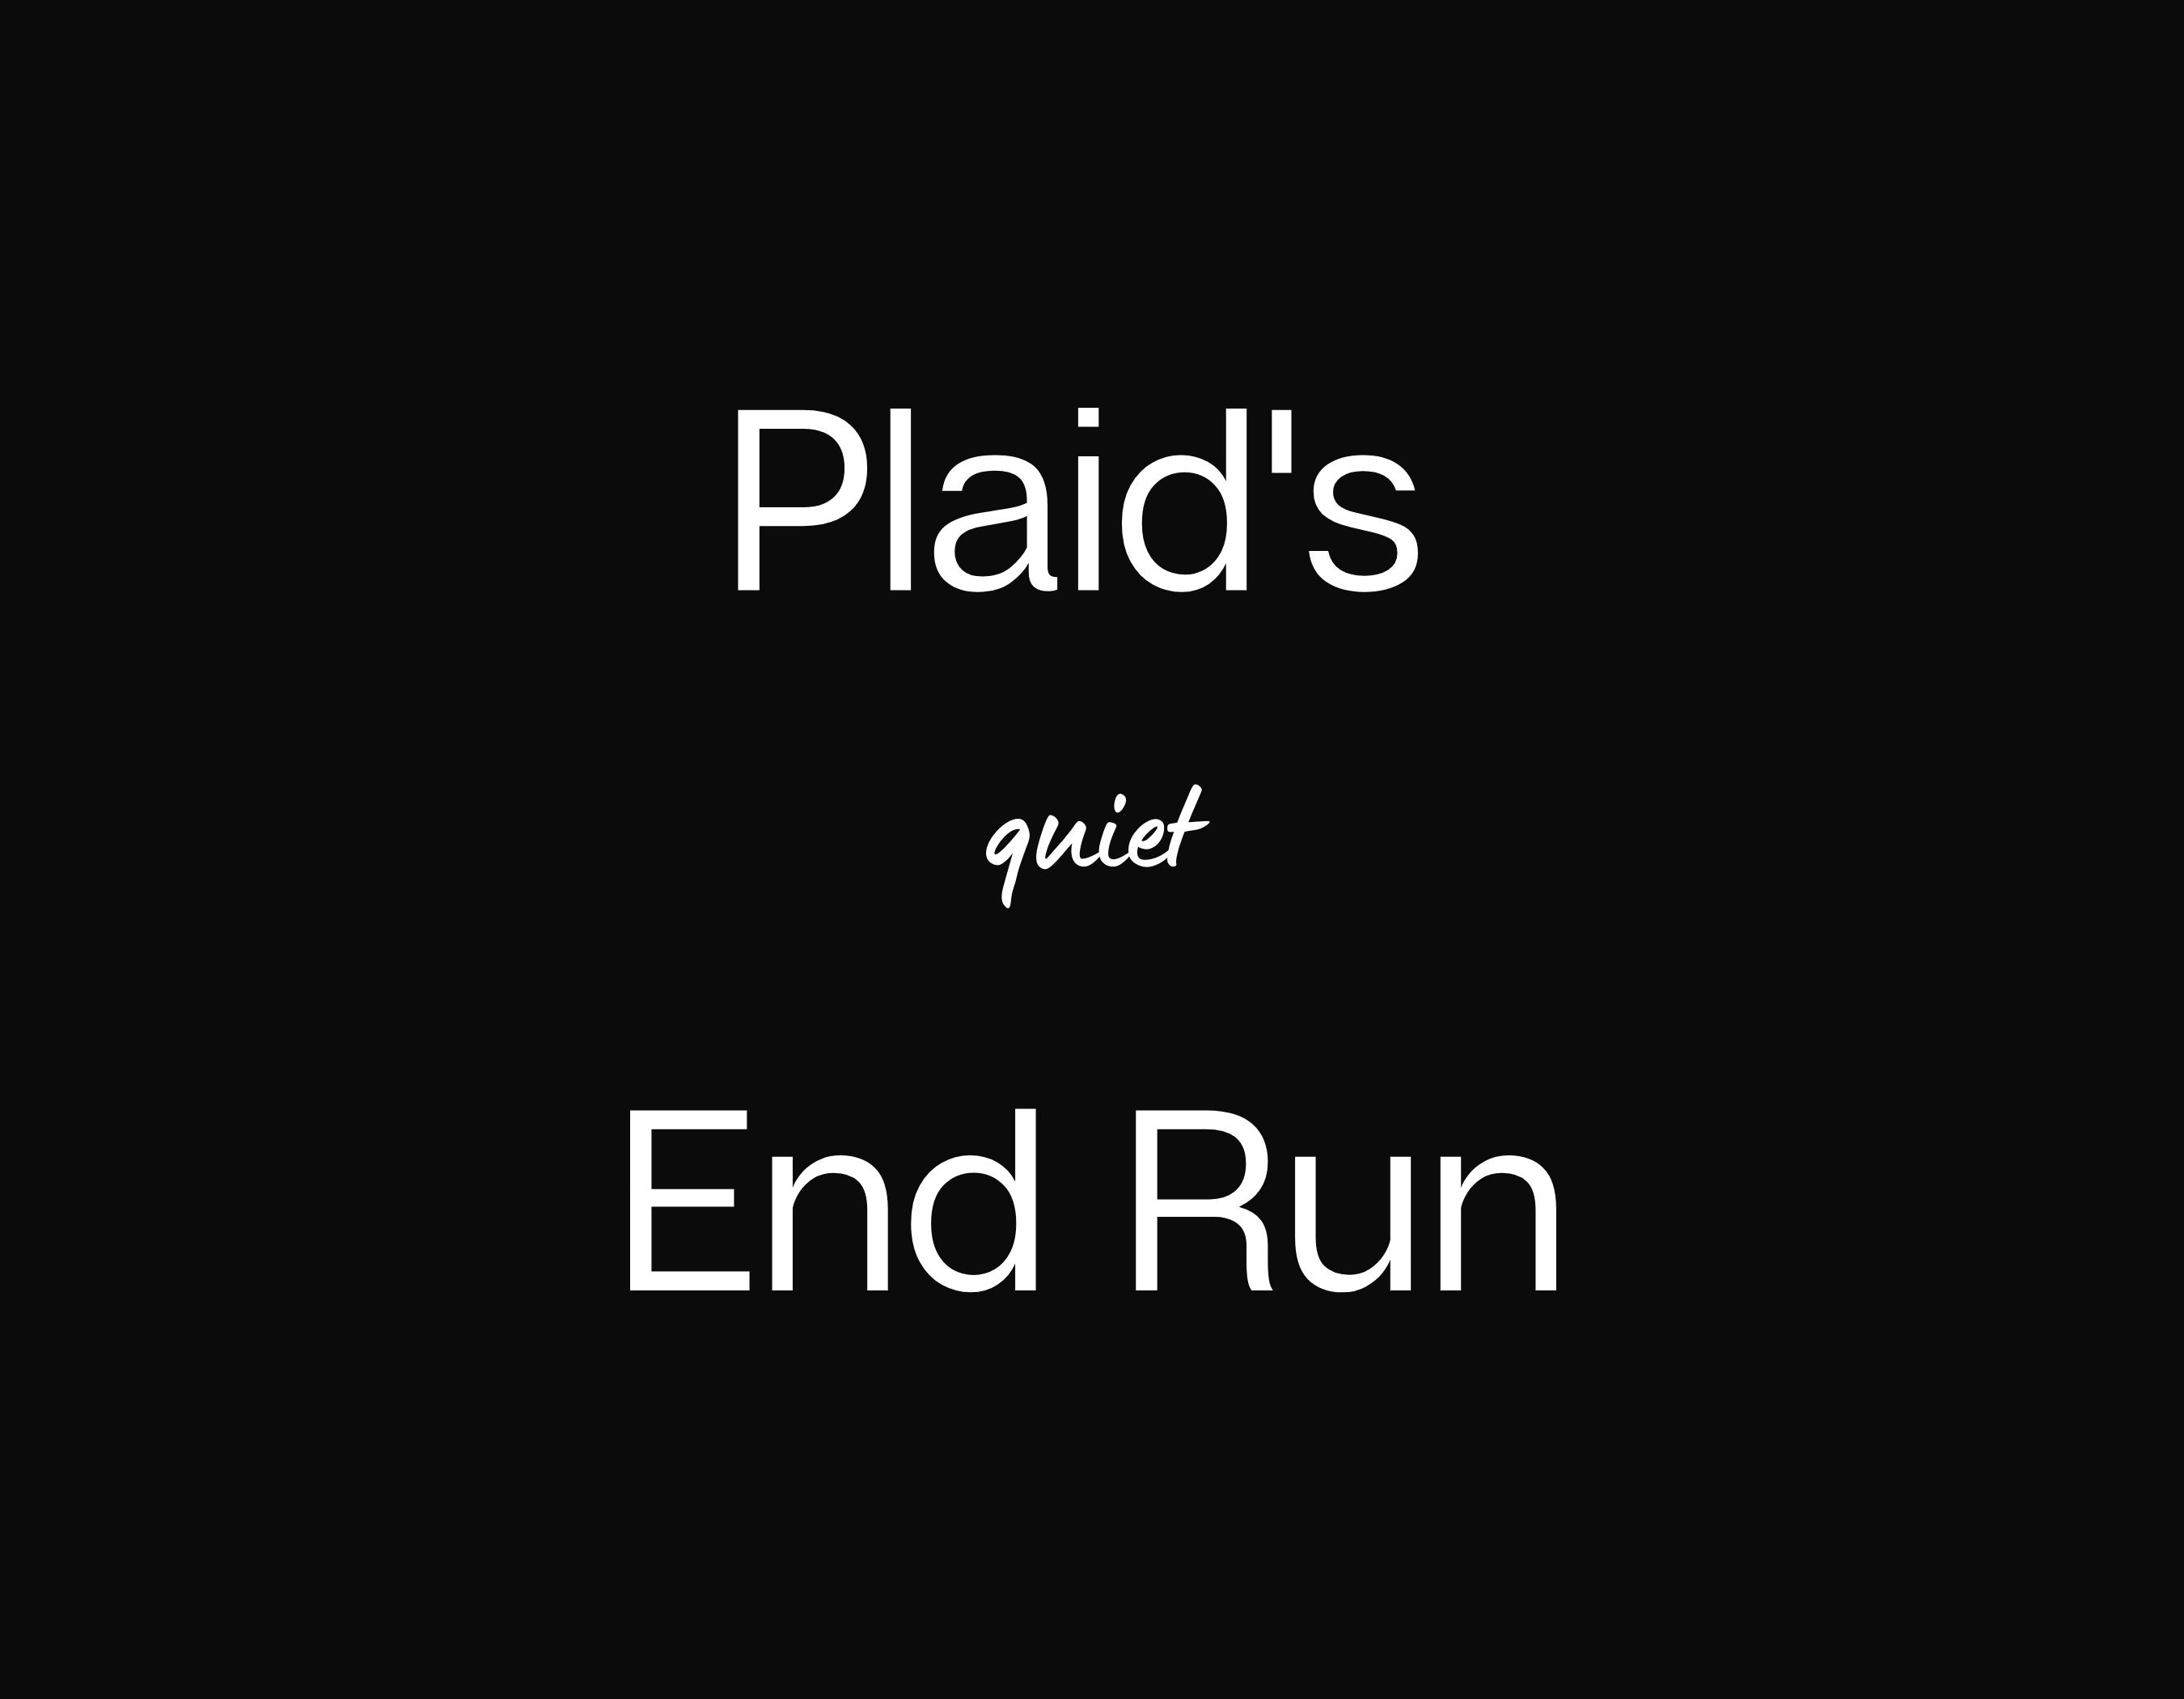 Plaid's Quiet End Run